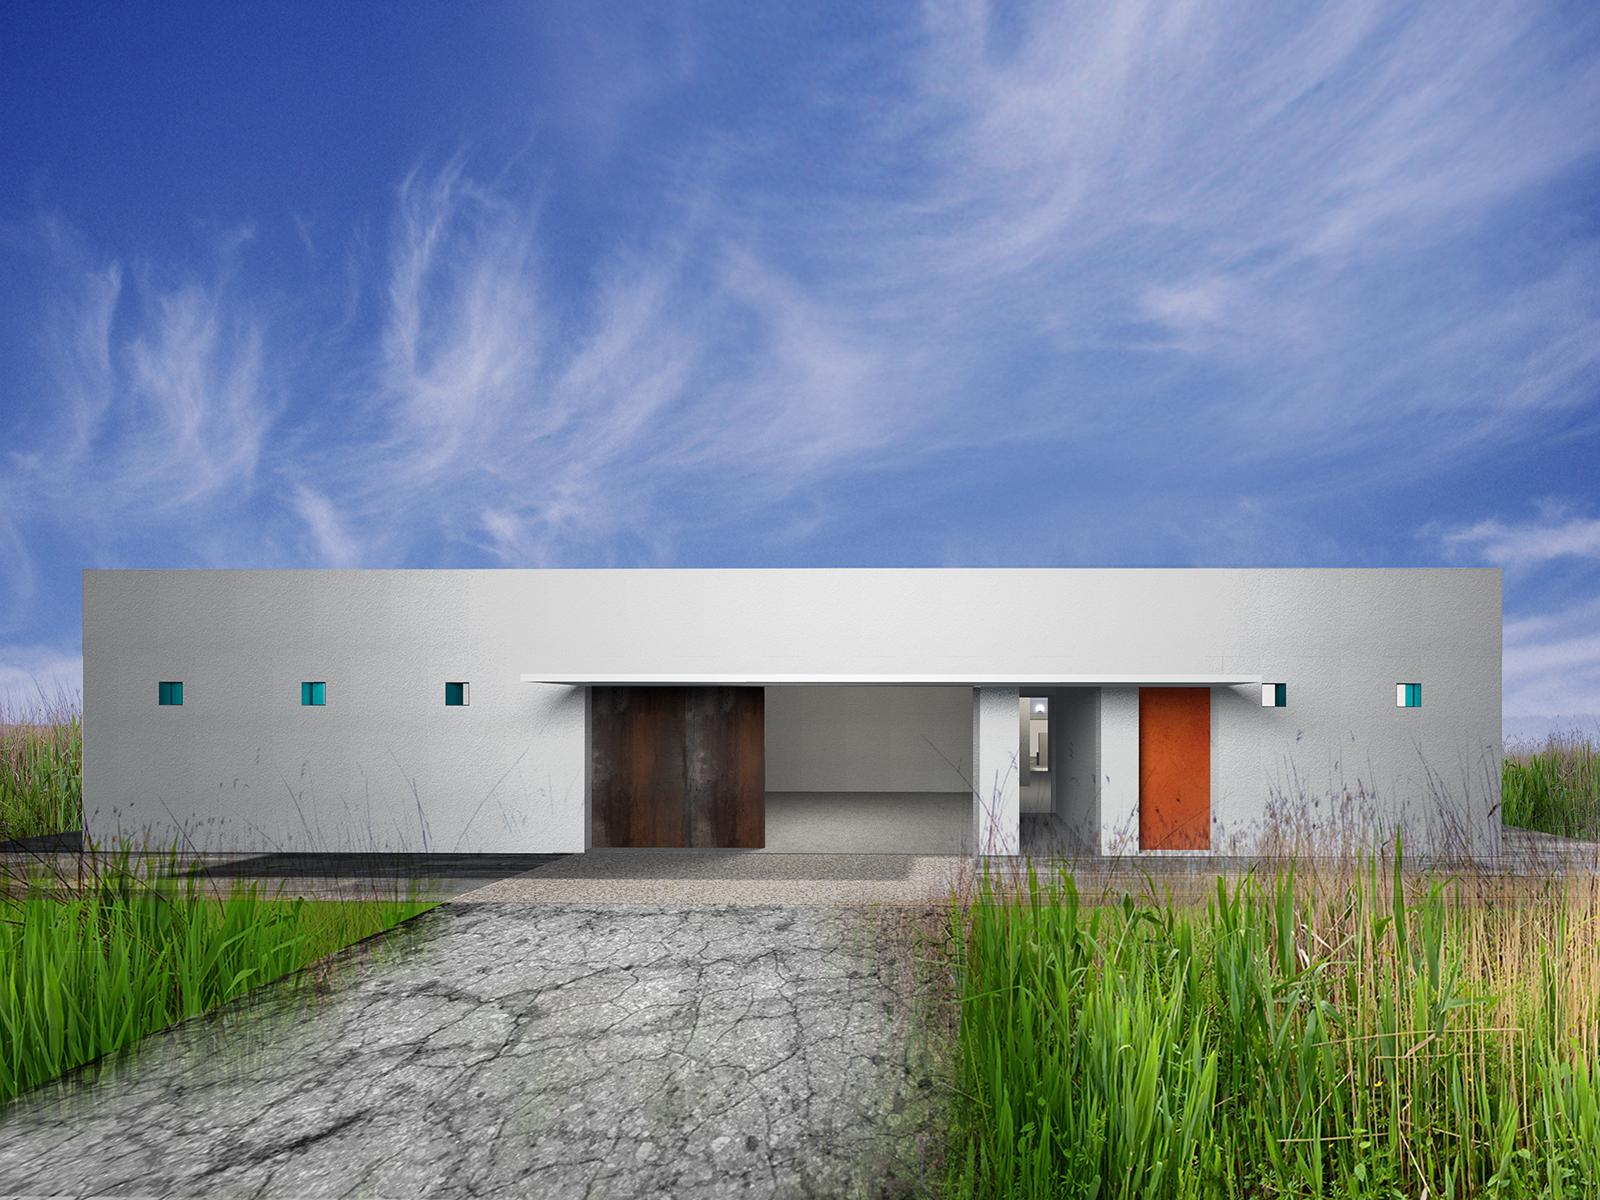 cube love design kunst architektur lifestyle. Black Bedroom Furniture Sets. Home Design Ideas